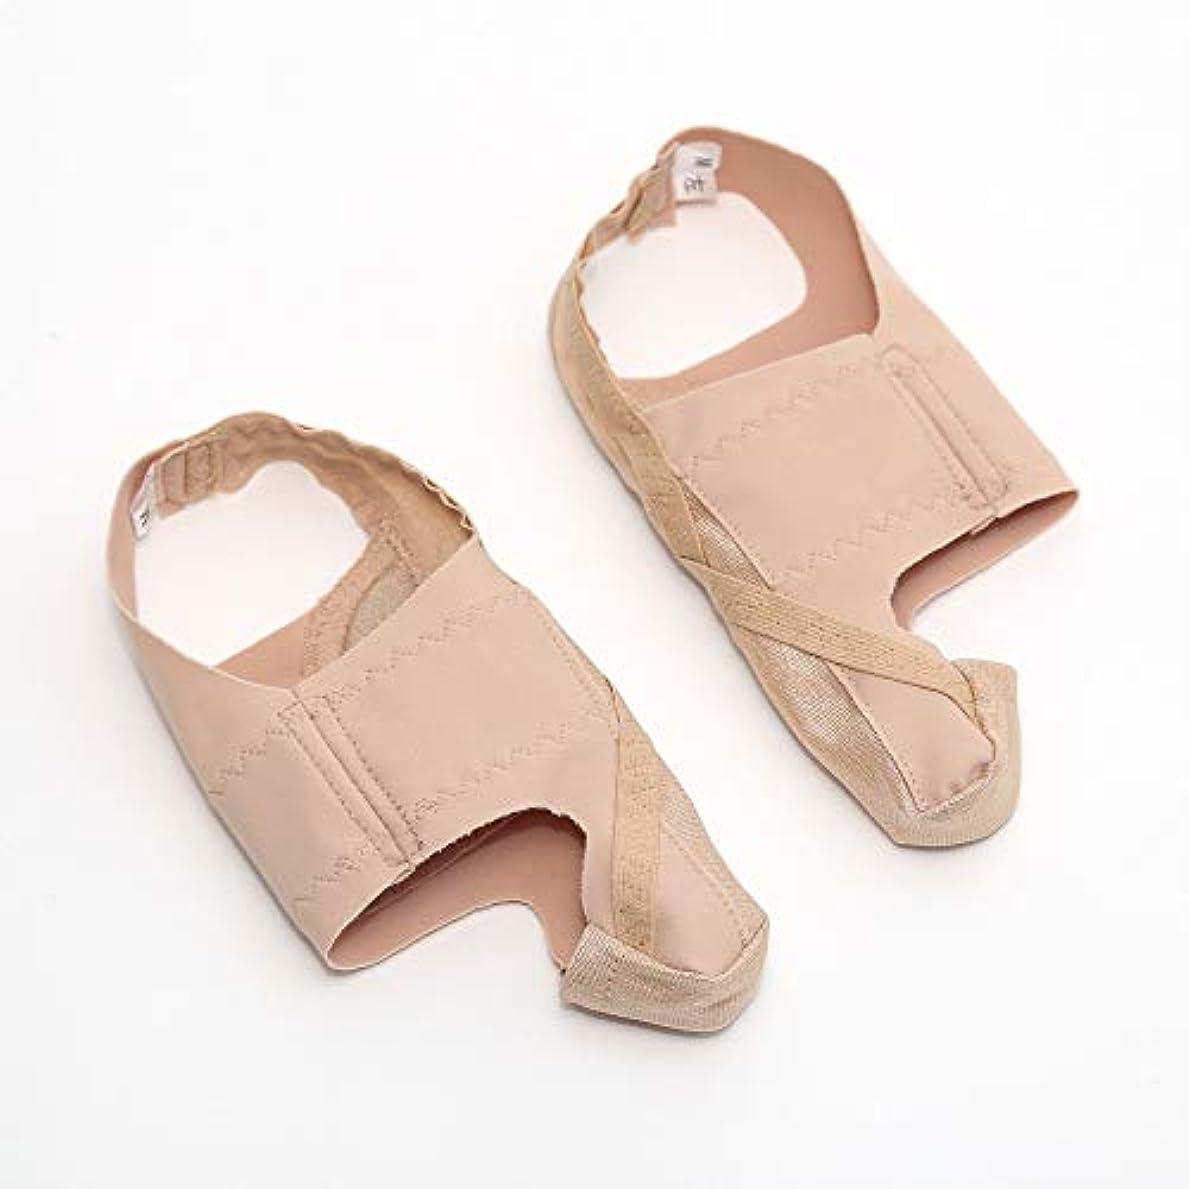 熟読海峡ひも計画的靴も履けるんデス EX Mサイズ コエンザイムQ10 美容エッセンスマスク付セット